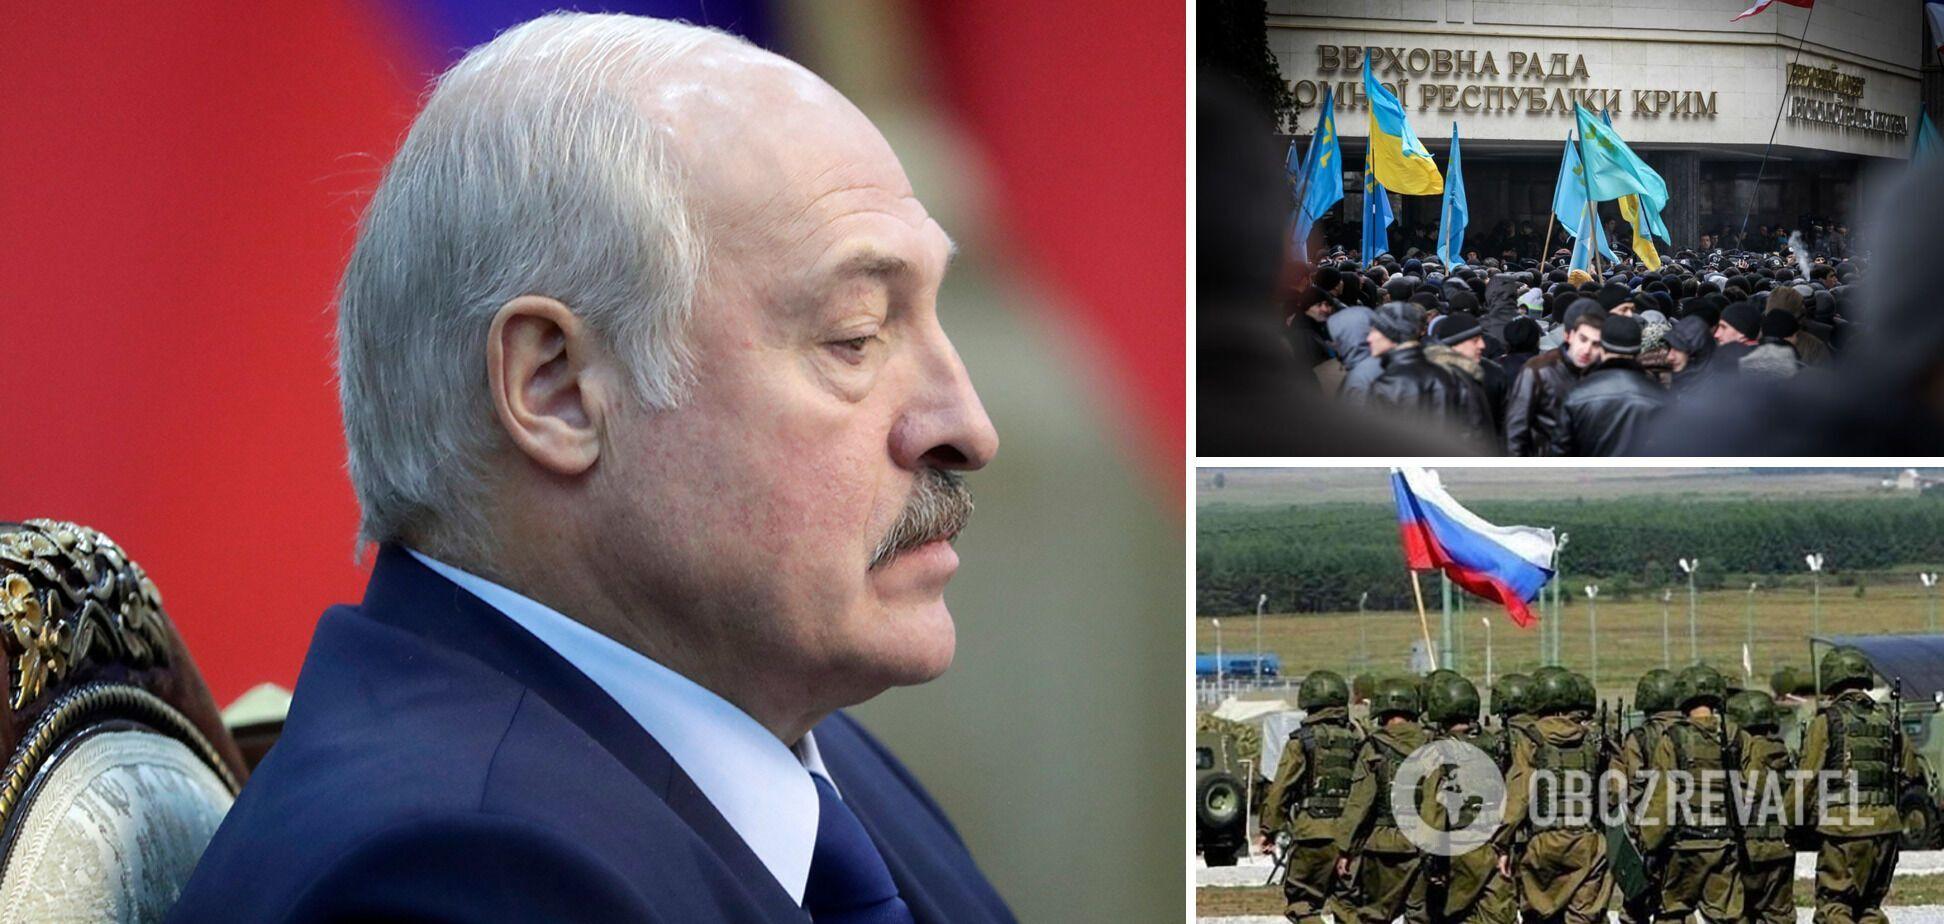 Останній 'окоп' Лукашенко. Чи визнає білоруський диктатор Крим російським?